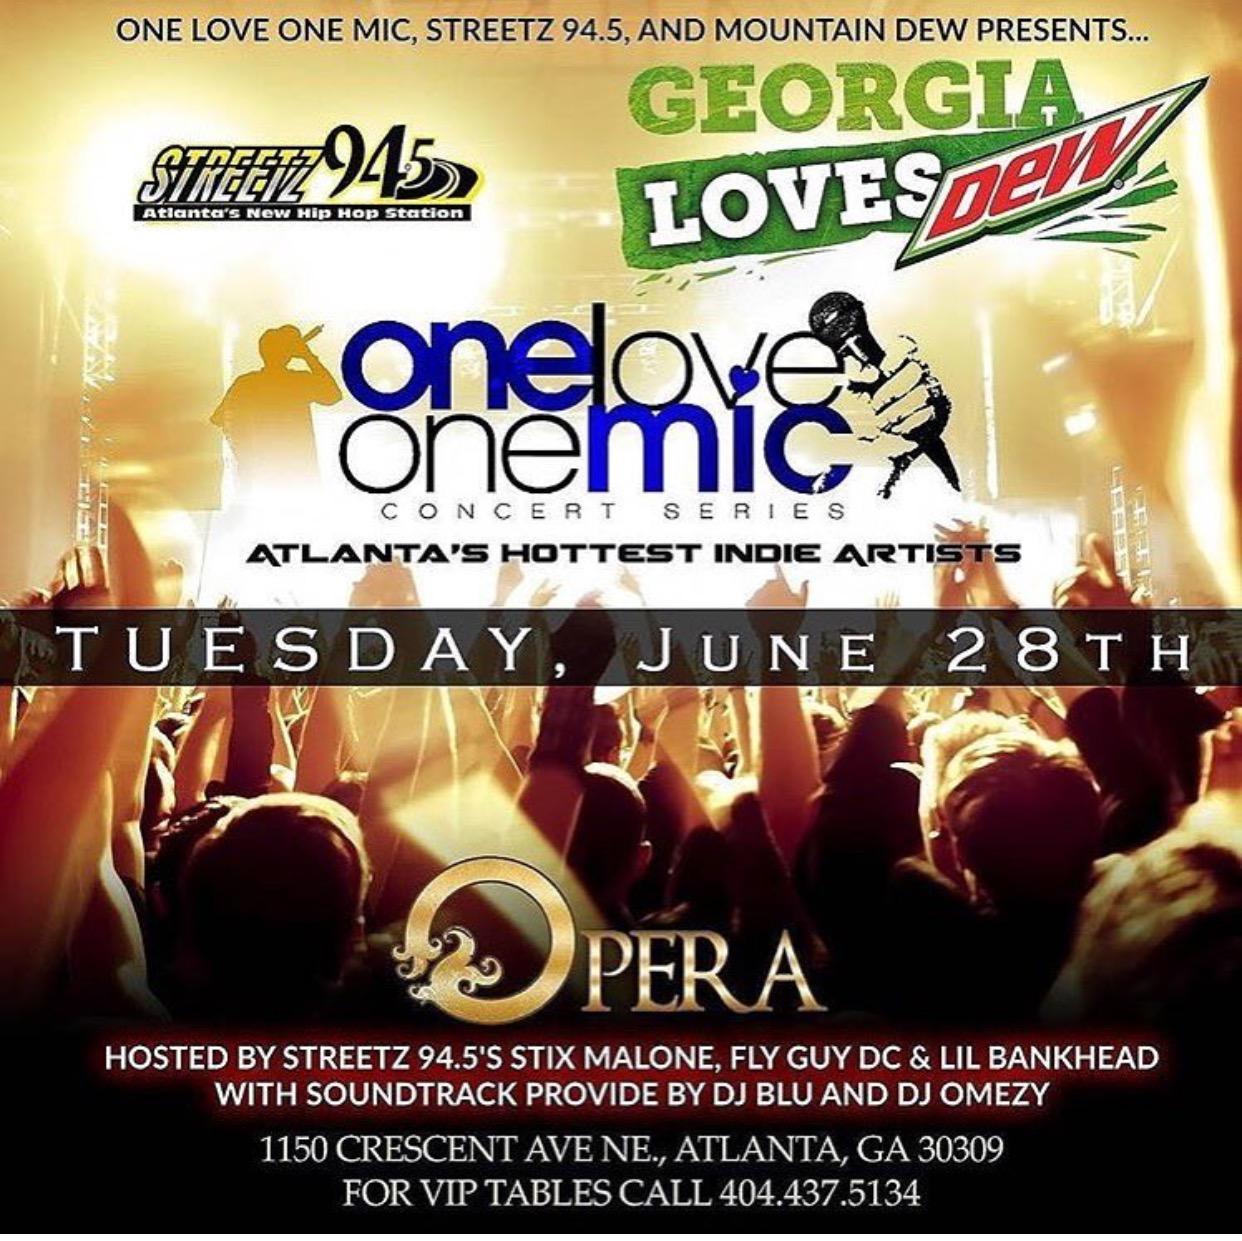 (June 28th) One Love One Mic at Opera in Atlanta,Ga